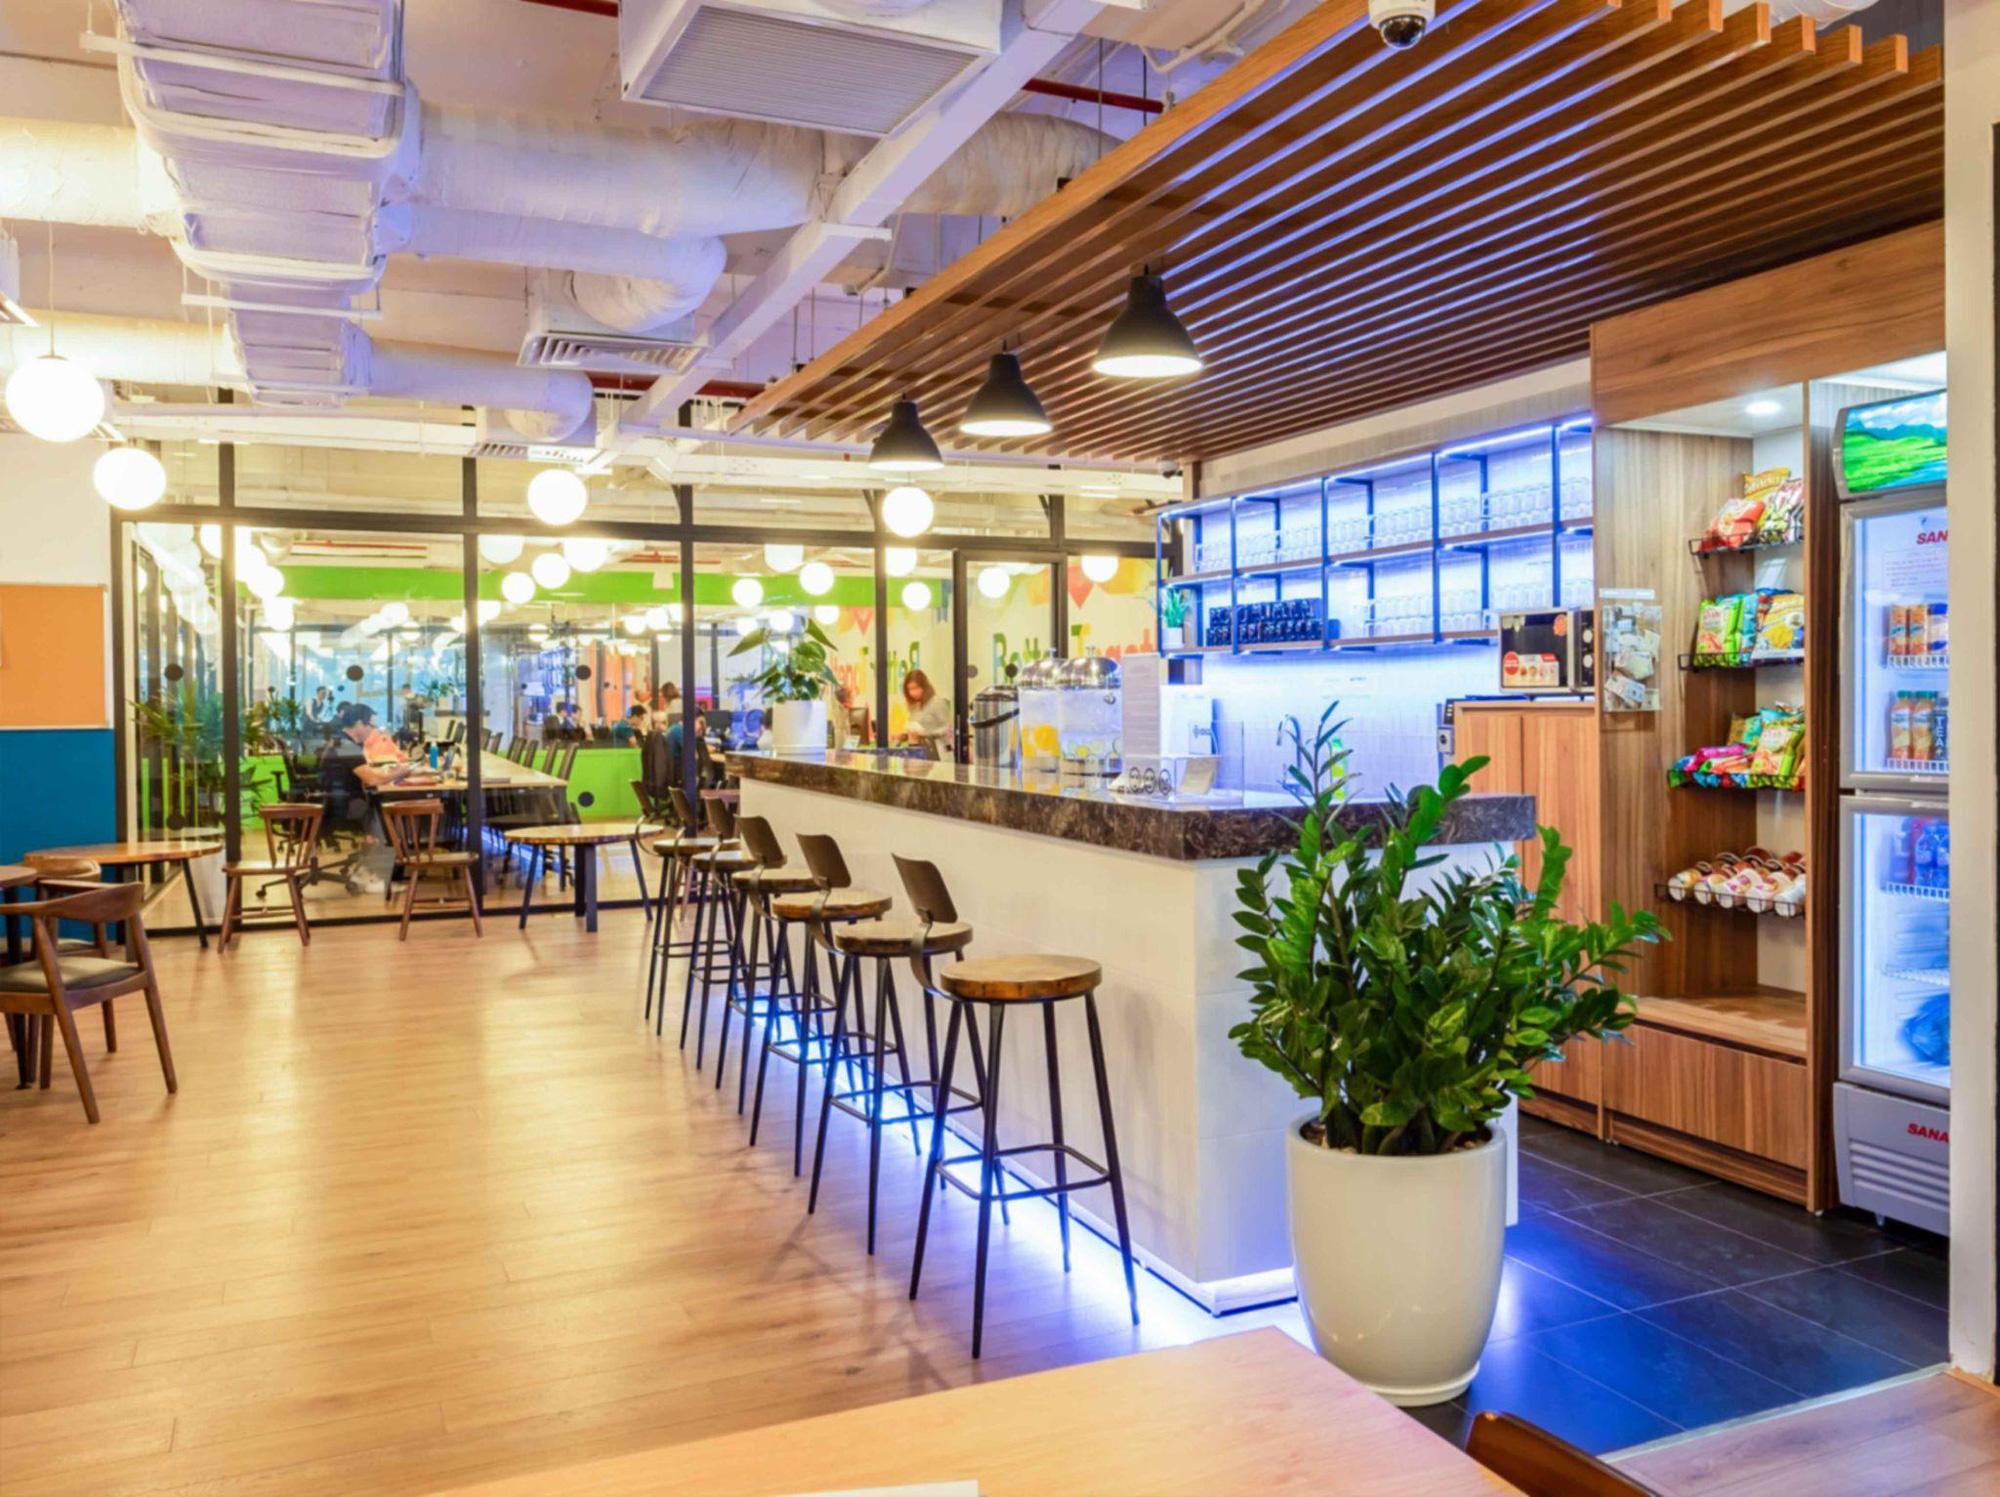 Lộ diện AdSpace - Coworking Space rộng gần 1500m2, dành riêng cho dân Digital Marketing tại Việt Nam - Ảnh 1.